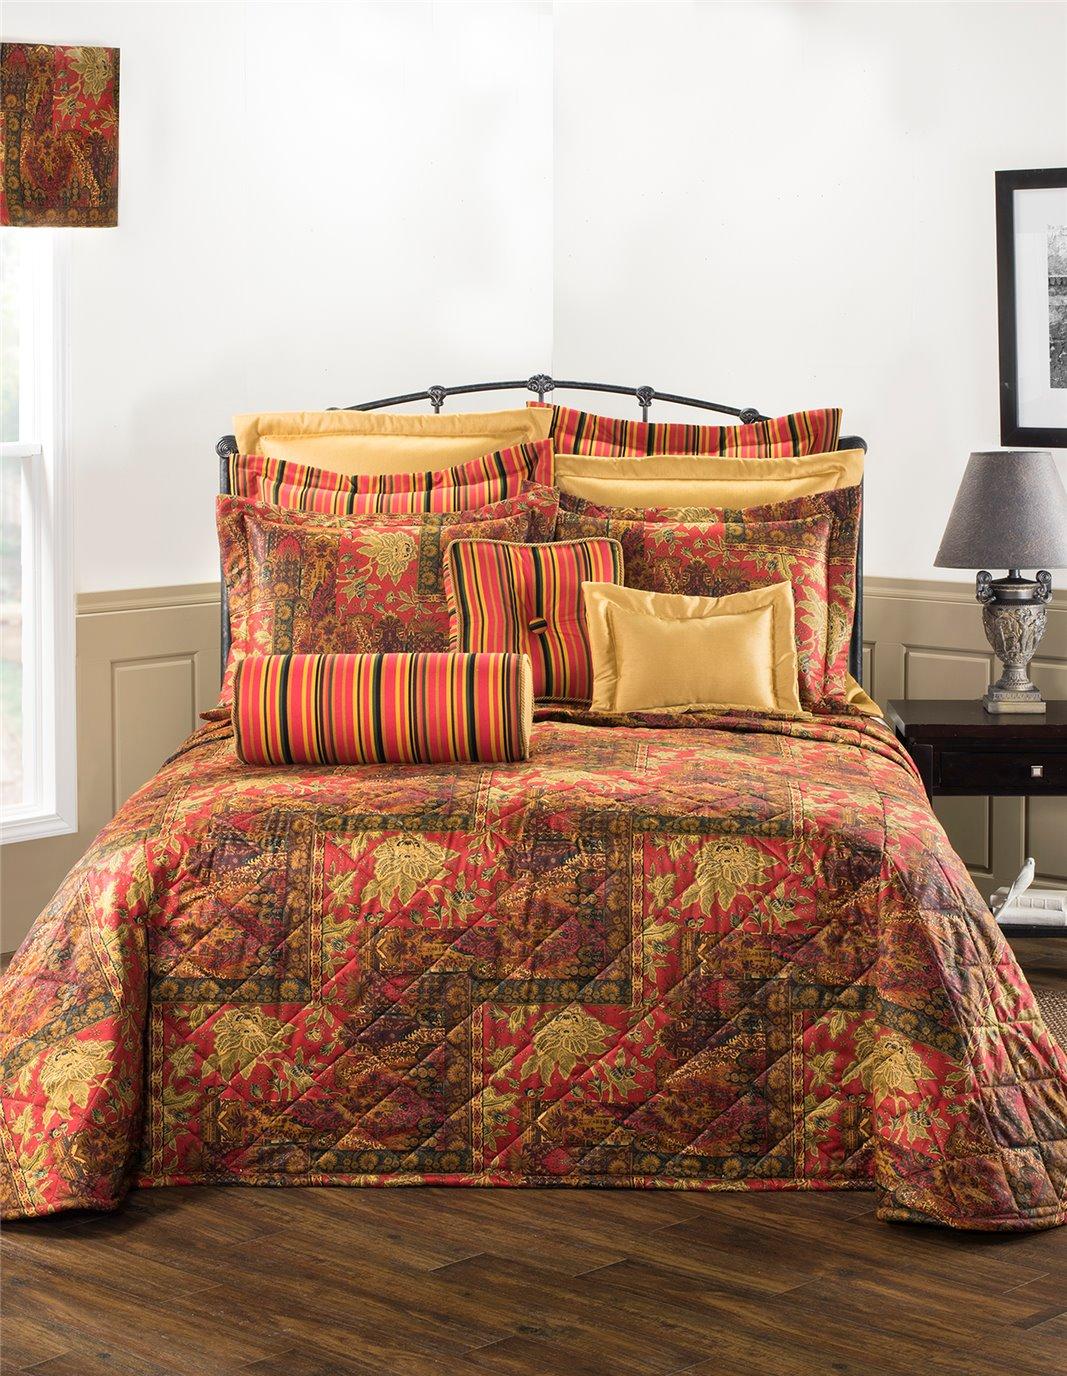 Kalinjar Queen Bedspread